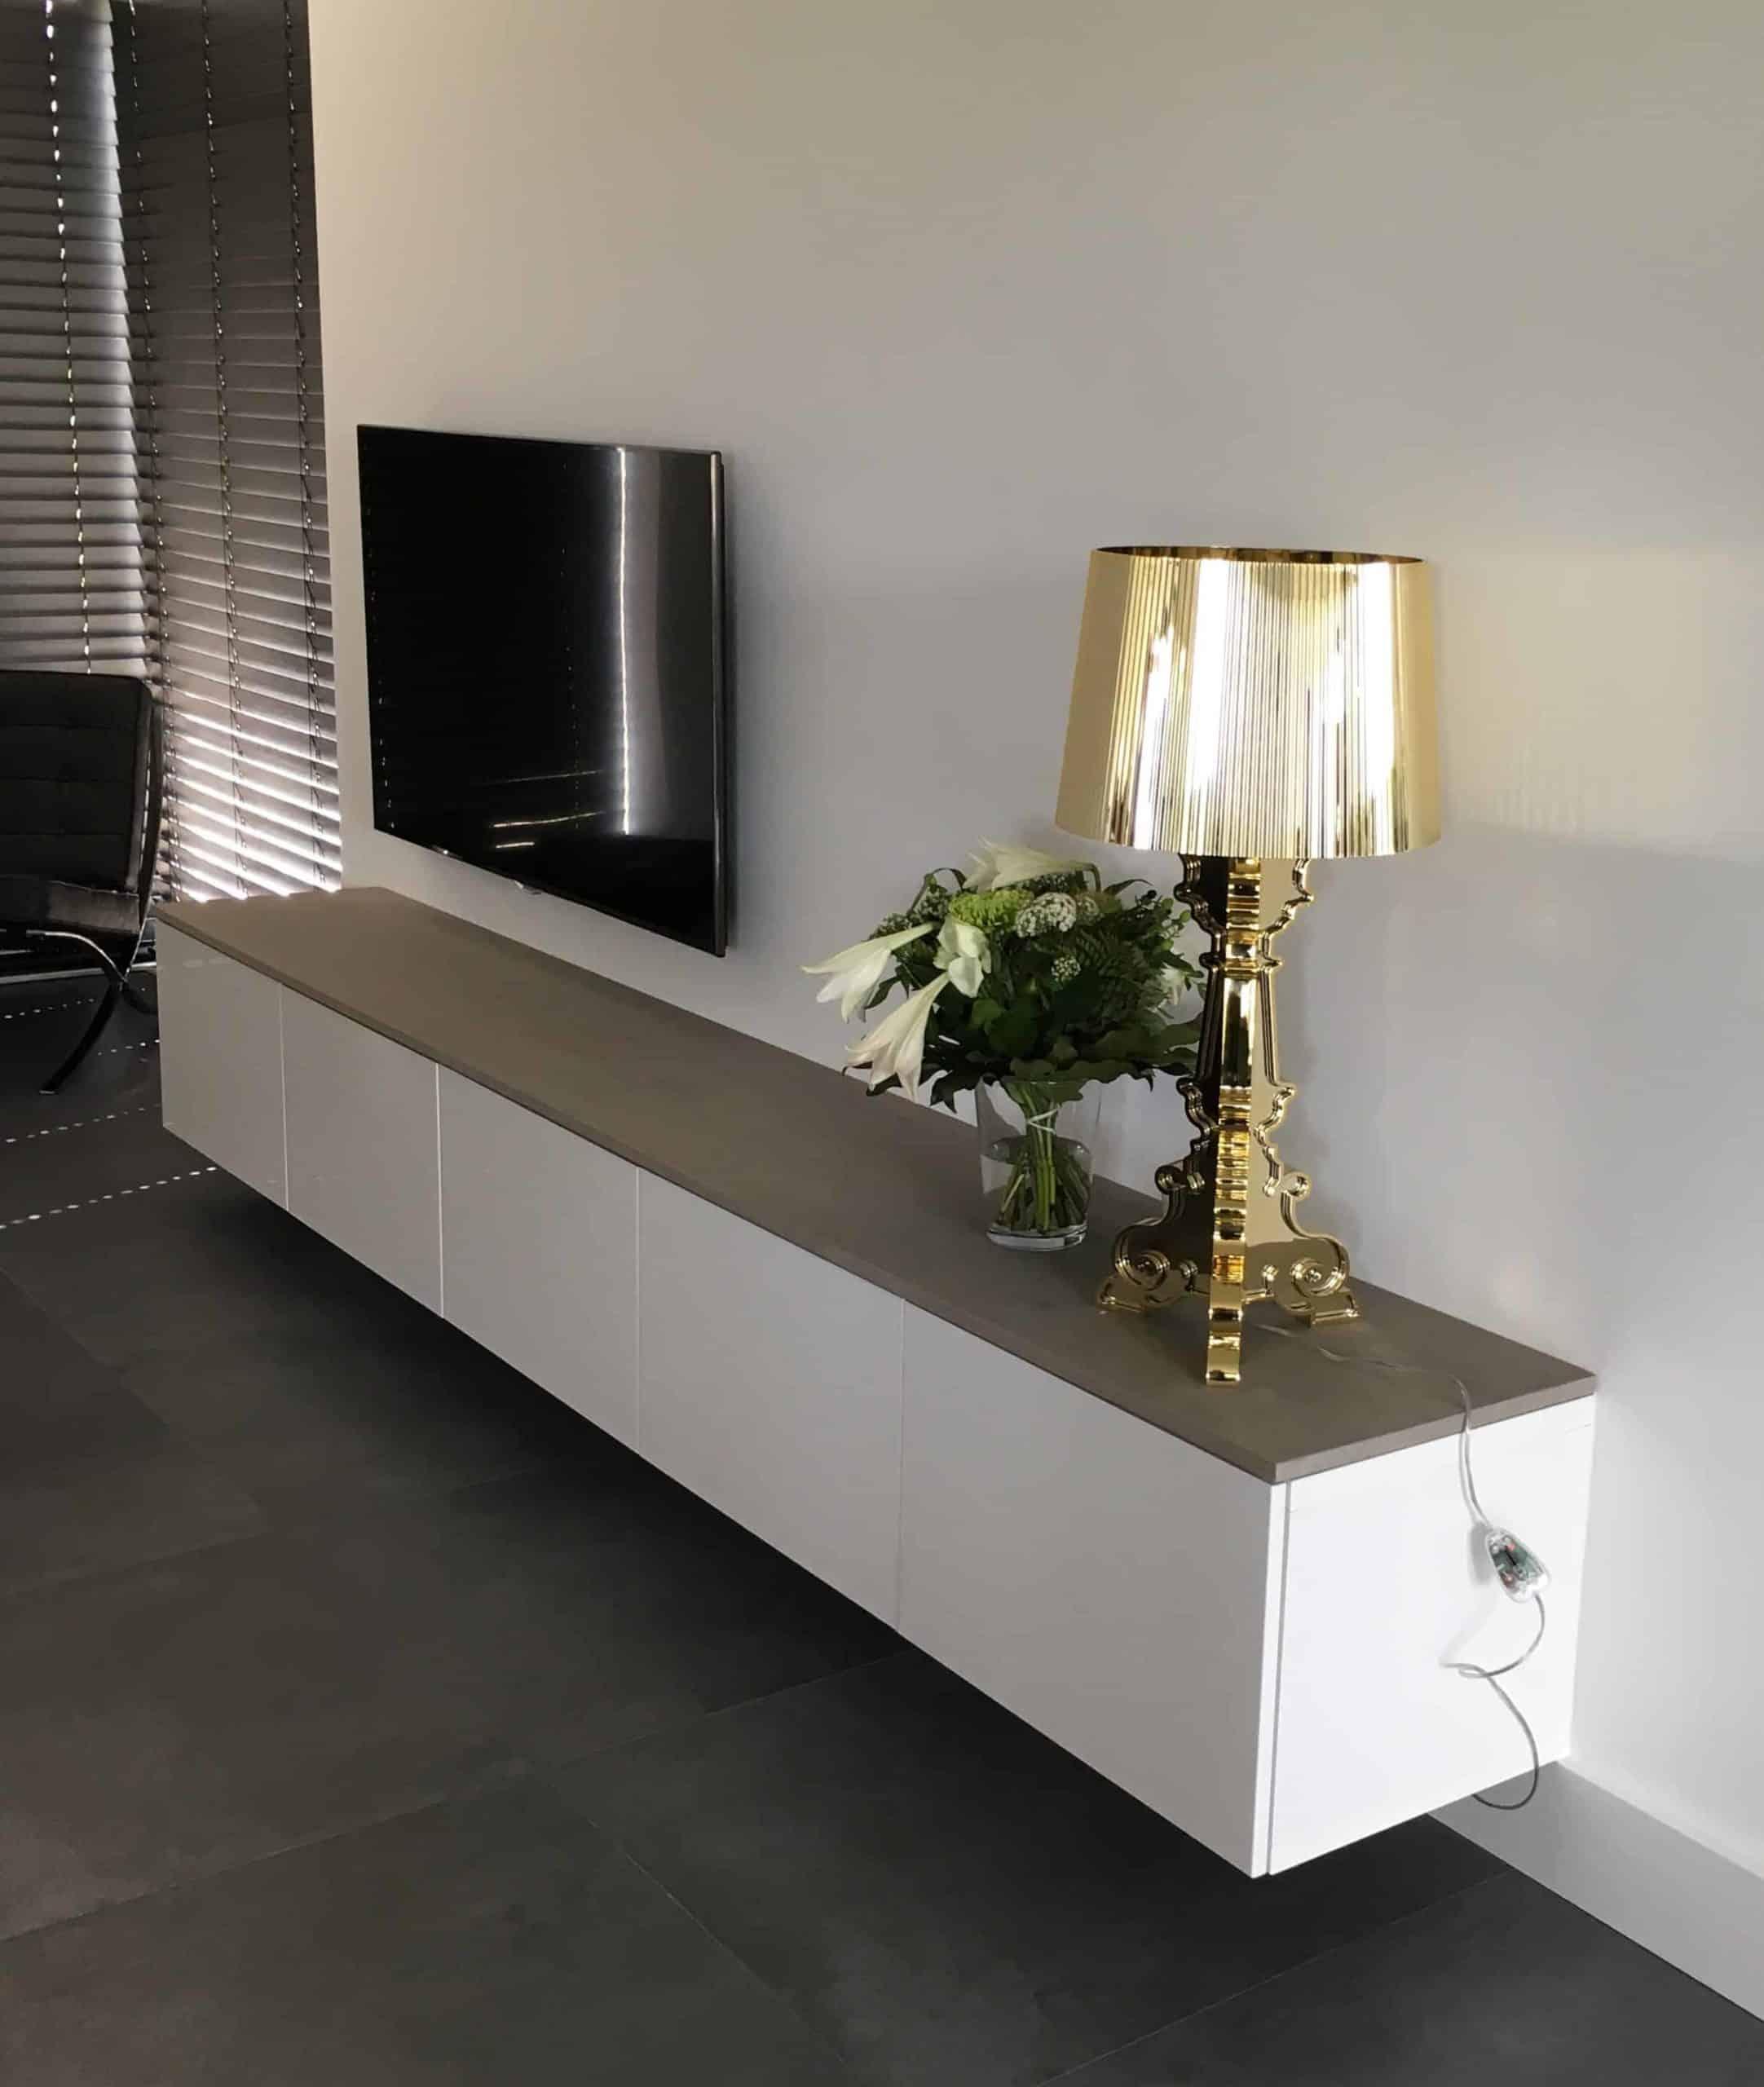 kasten Tv meubel vergrijsd eiken met plaatmateriaal|hout en vorm